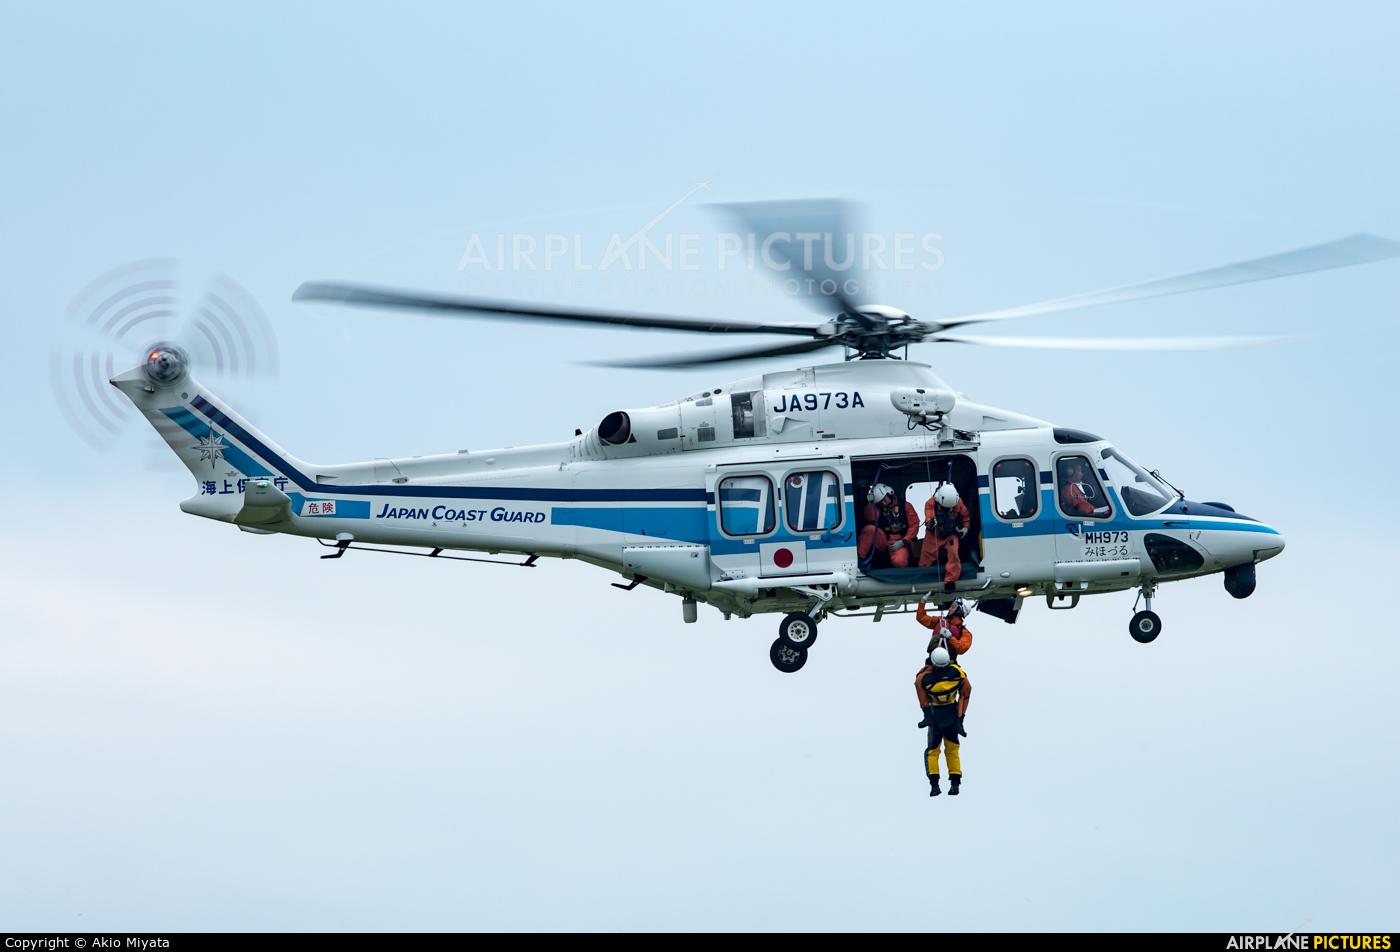 Japan - Coast Guard JA973A aircraft at Yonago - Miho AB